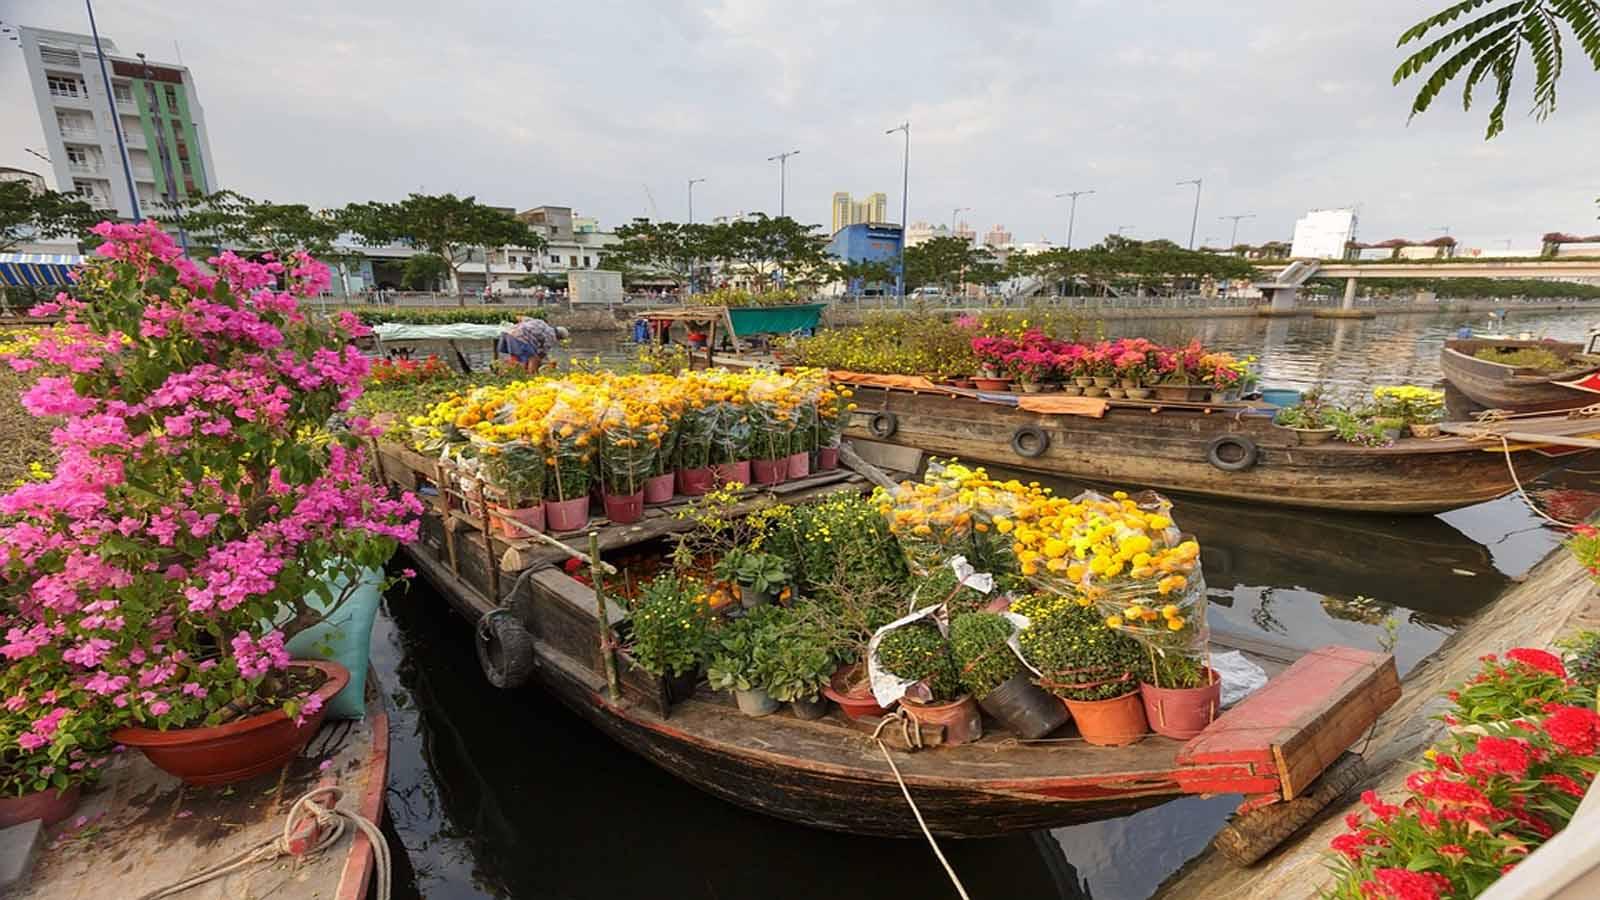 La transformación paisajista de Ho Chi Minh 2